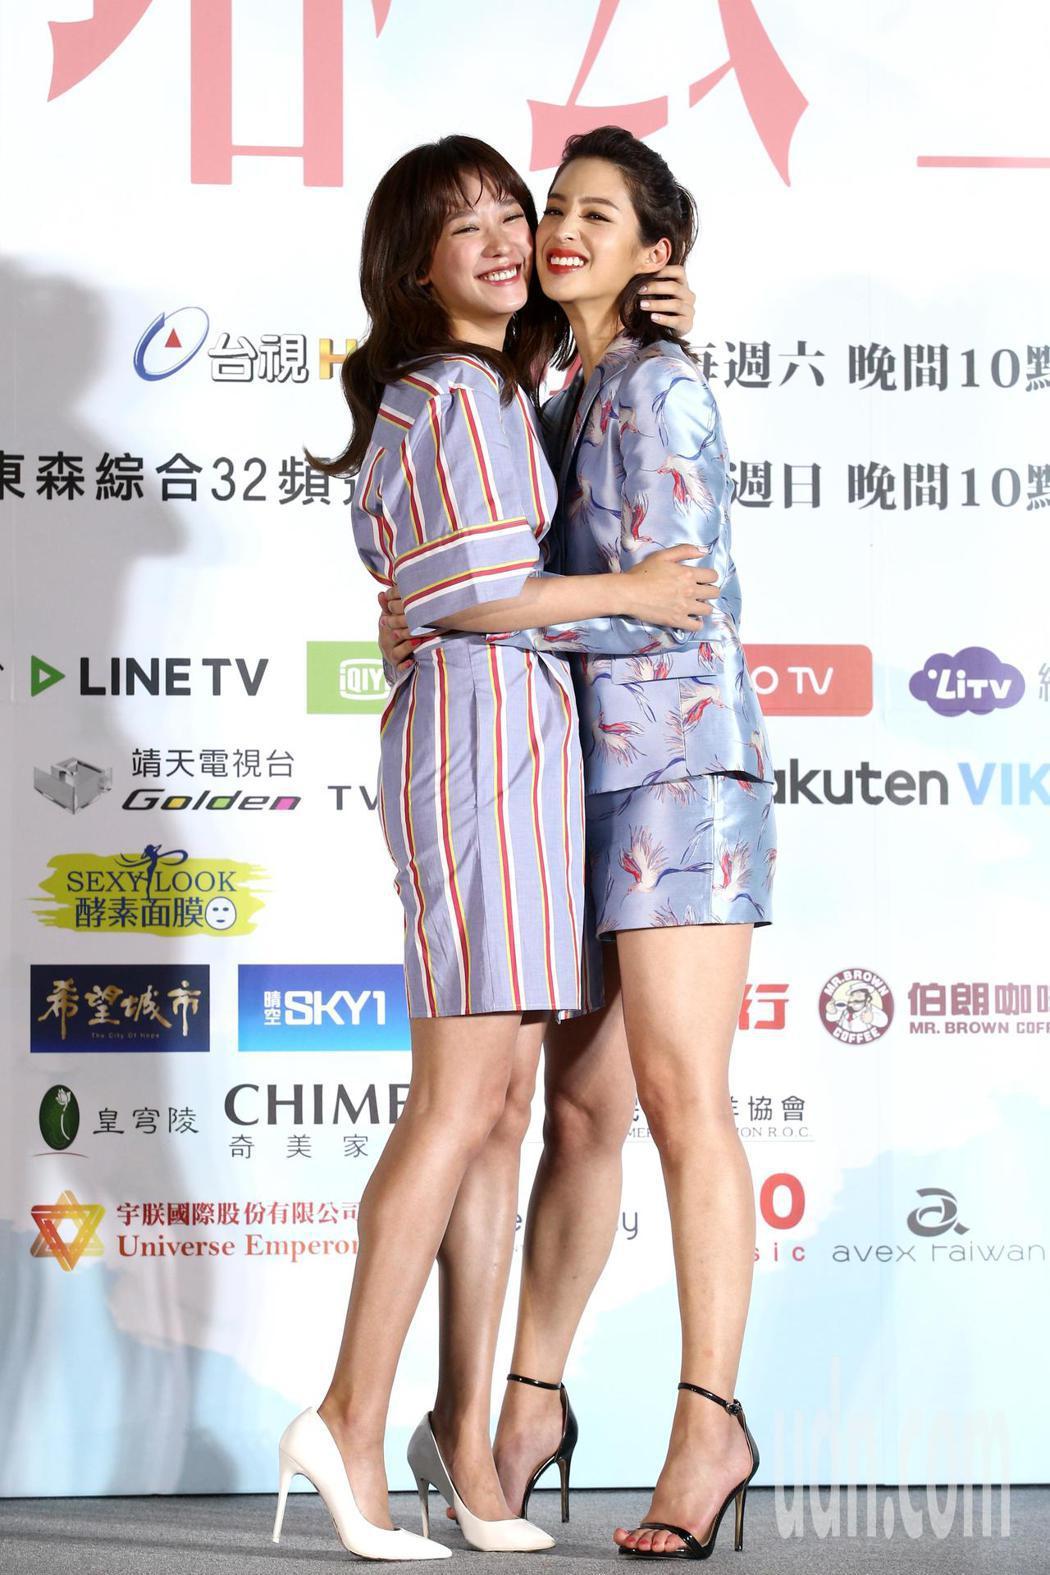 孟耿如(左)與莫允雯(右)等演員下午出席高塔公主試片會,大家分享拍片時相處的點滴...